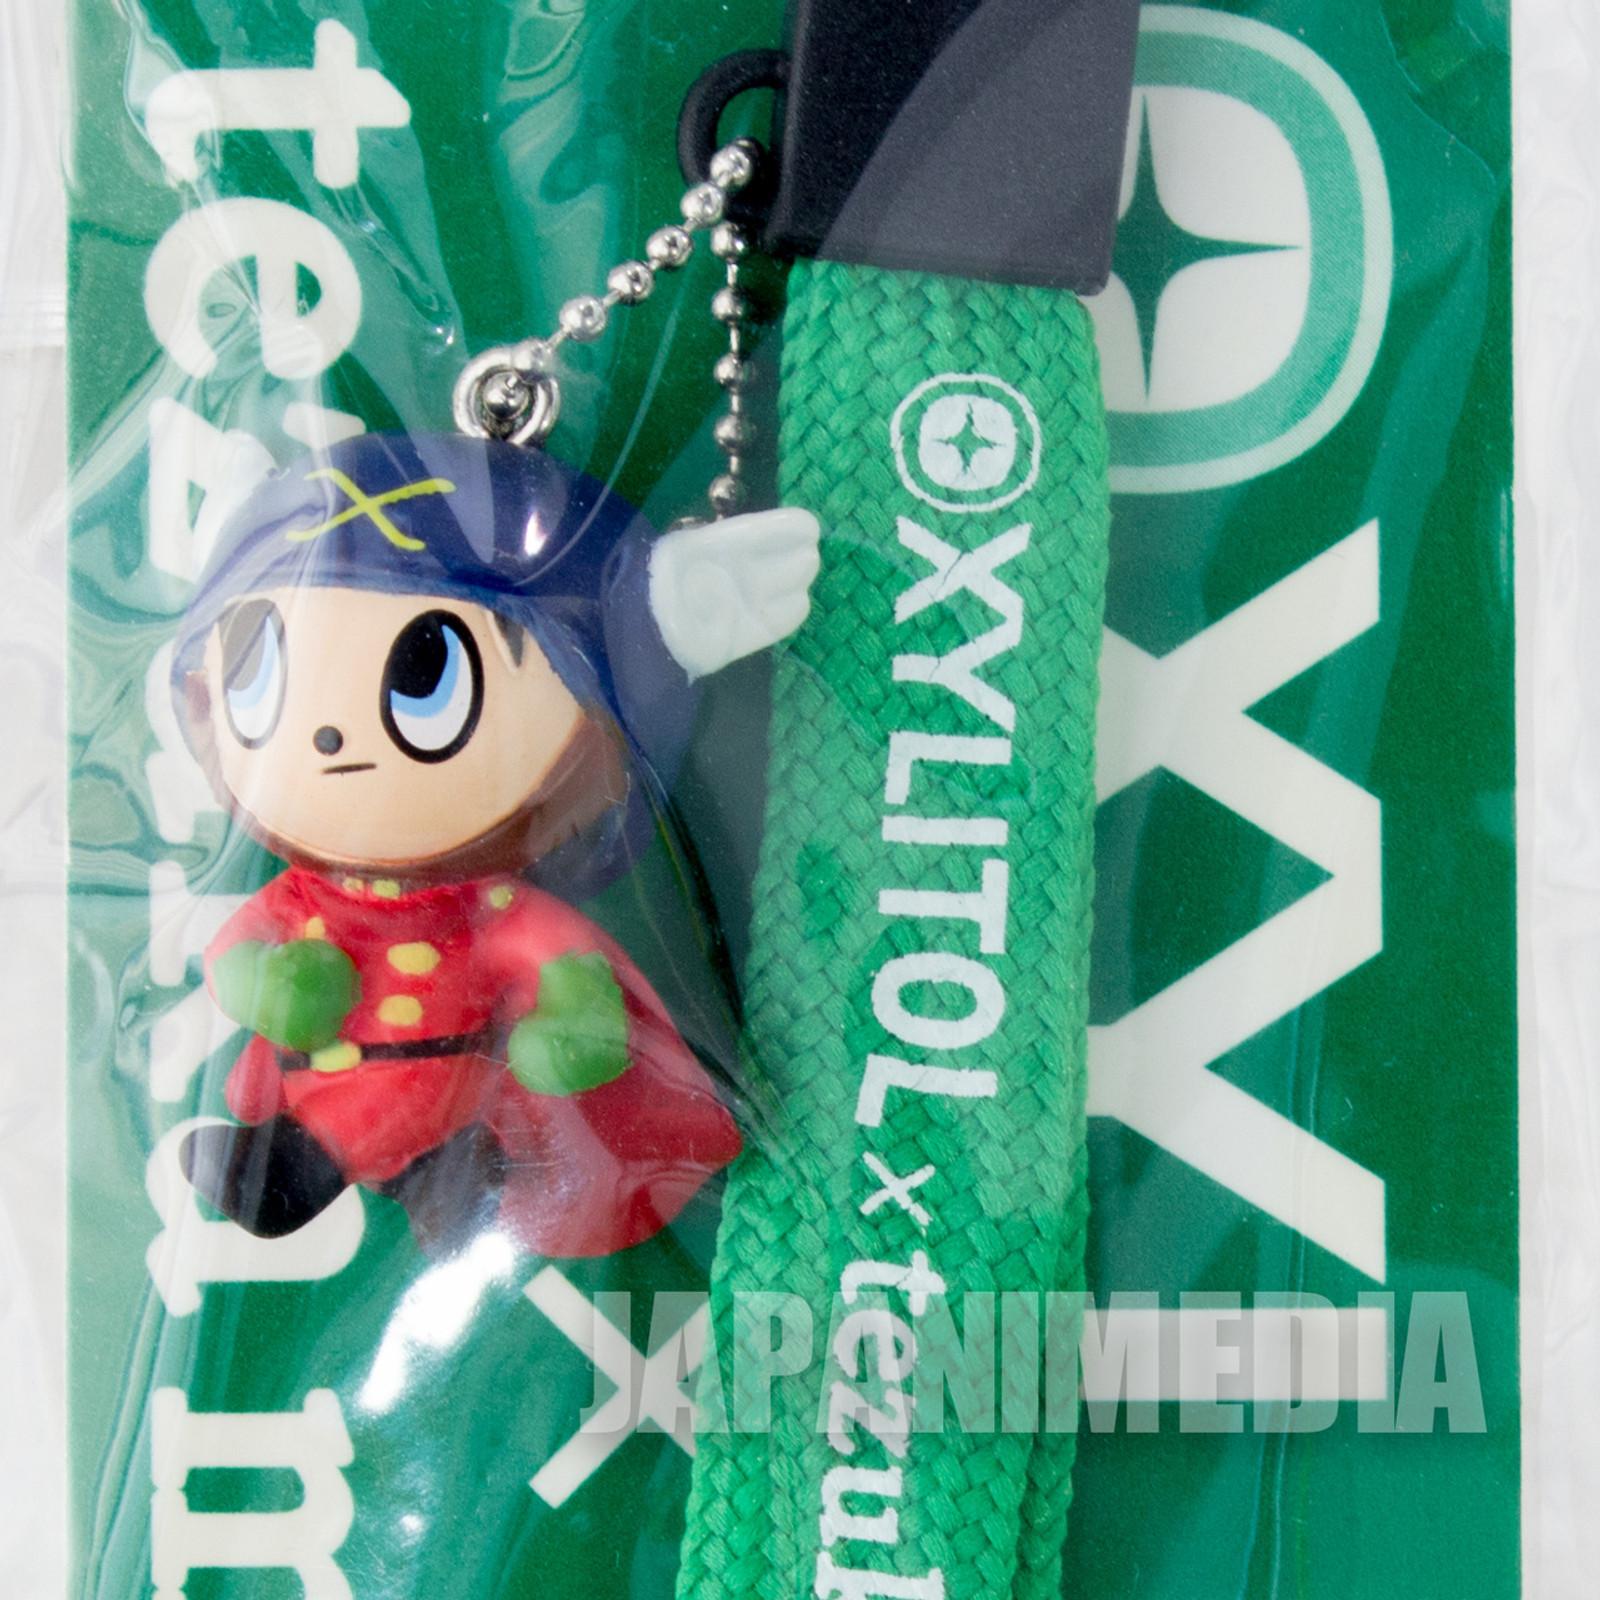 Big X Akira Asagumo Mascot Figure Strap XYLITOL 10th Anniversary Tezuka Osamu